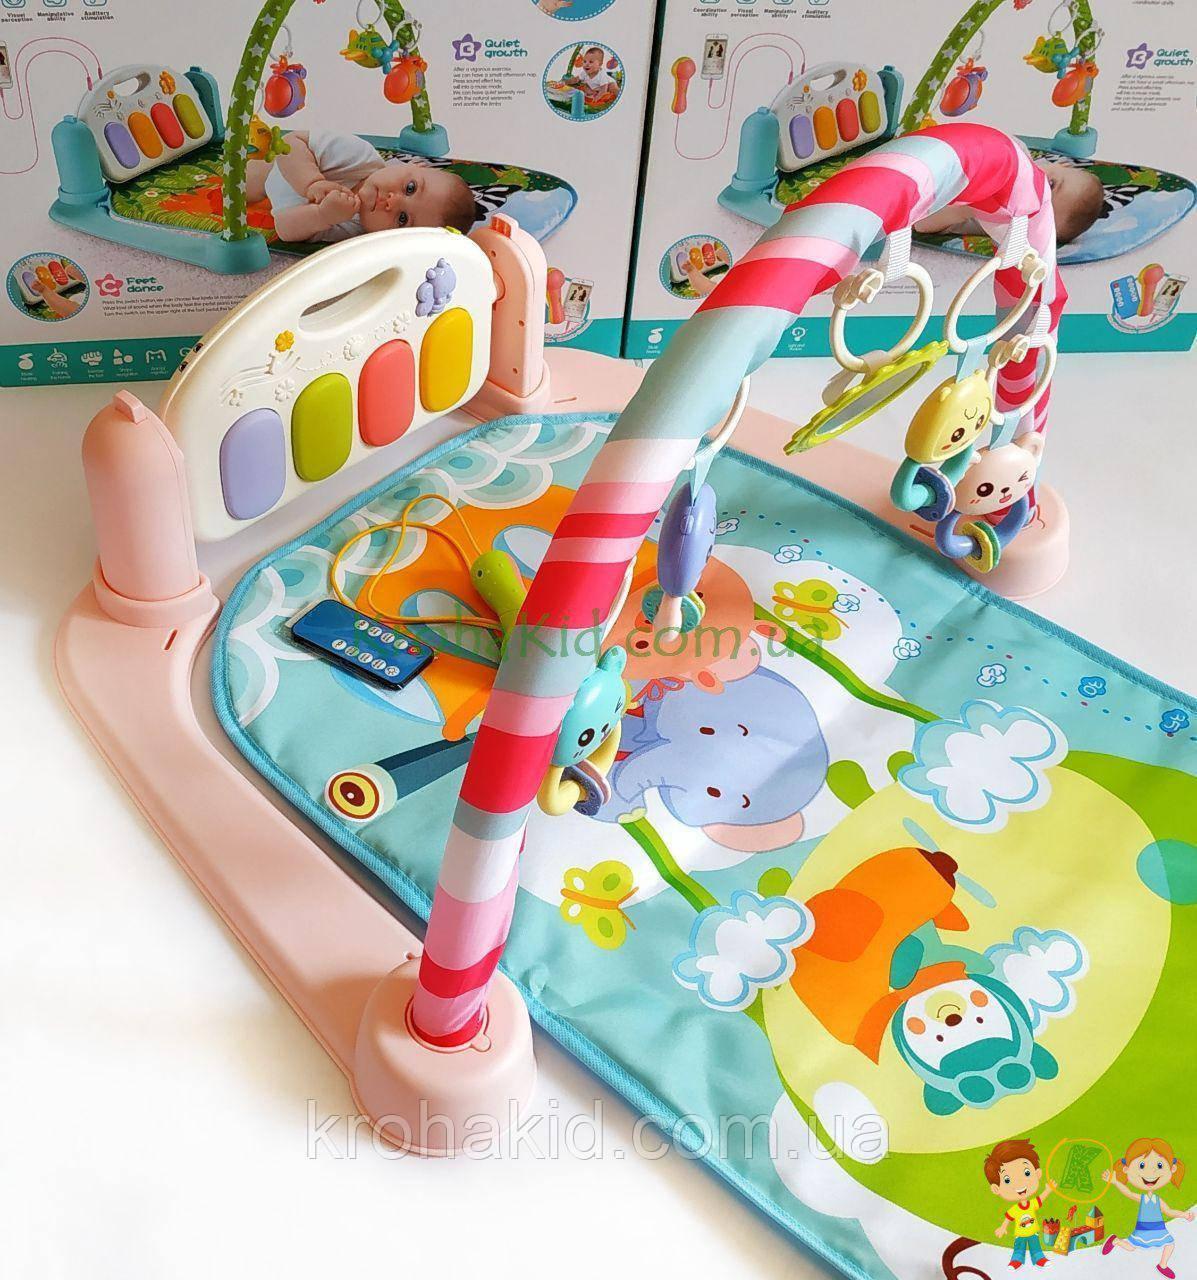 Детский развивающий коврик с пианино, микрофоном и пультом, со звуковыми эффектами, 9913 AB